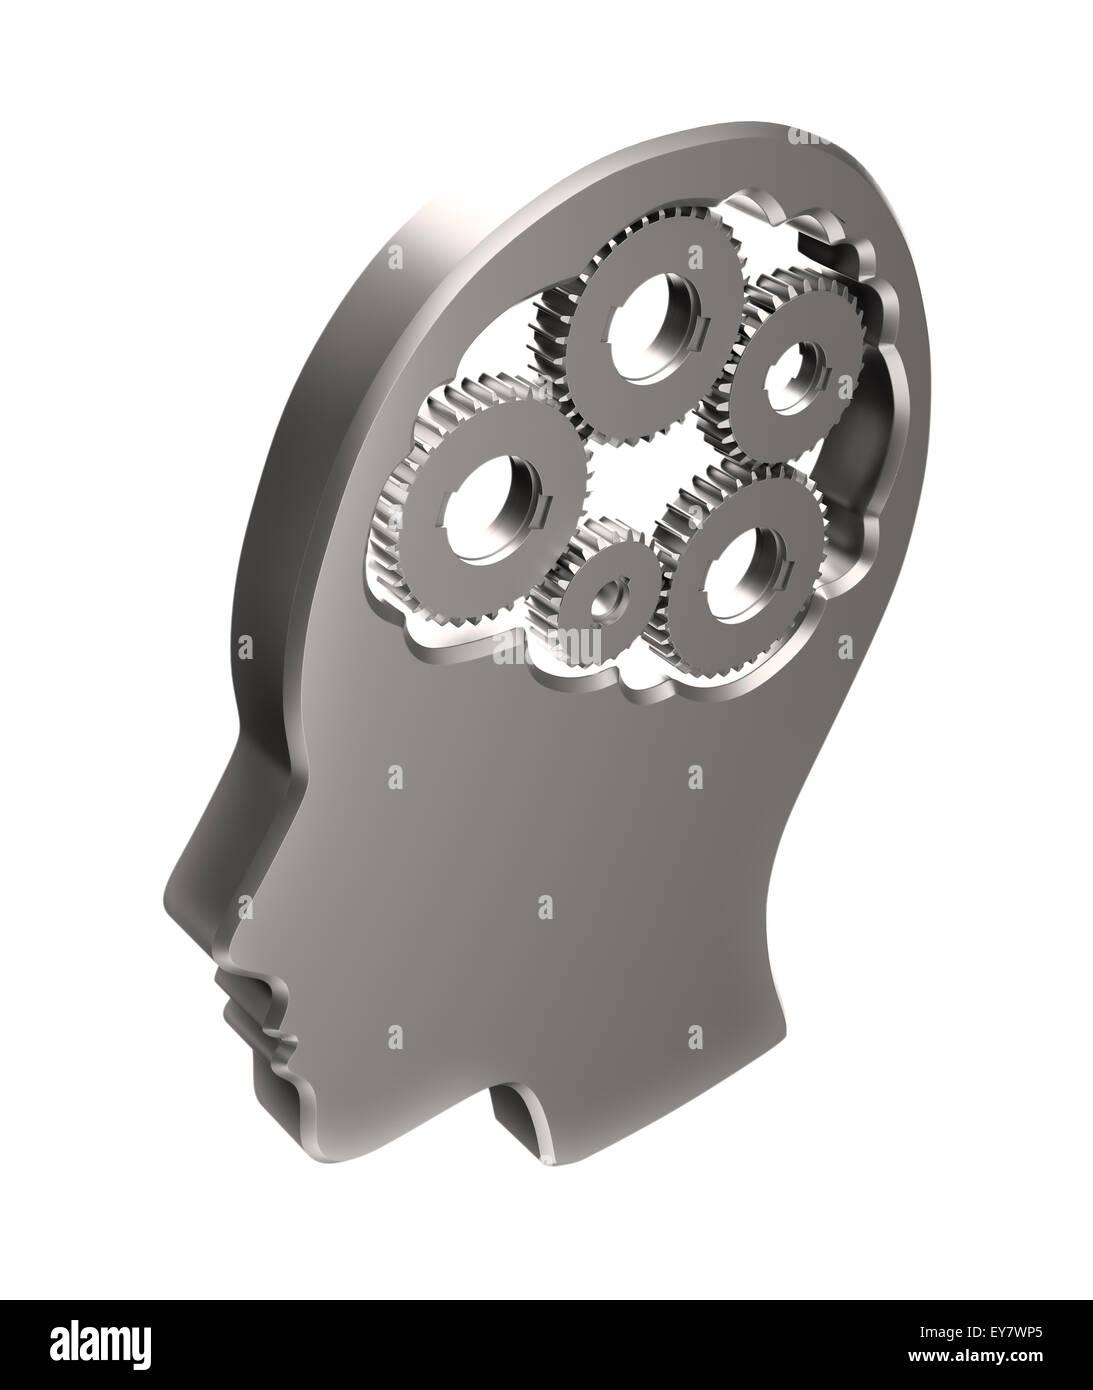 Denti all'interno di una testa umana delineare - la memoria e le funzioni cognitive concetto illustrazione Immagini Stock